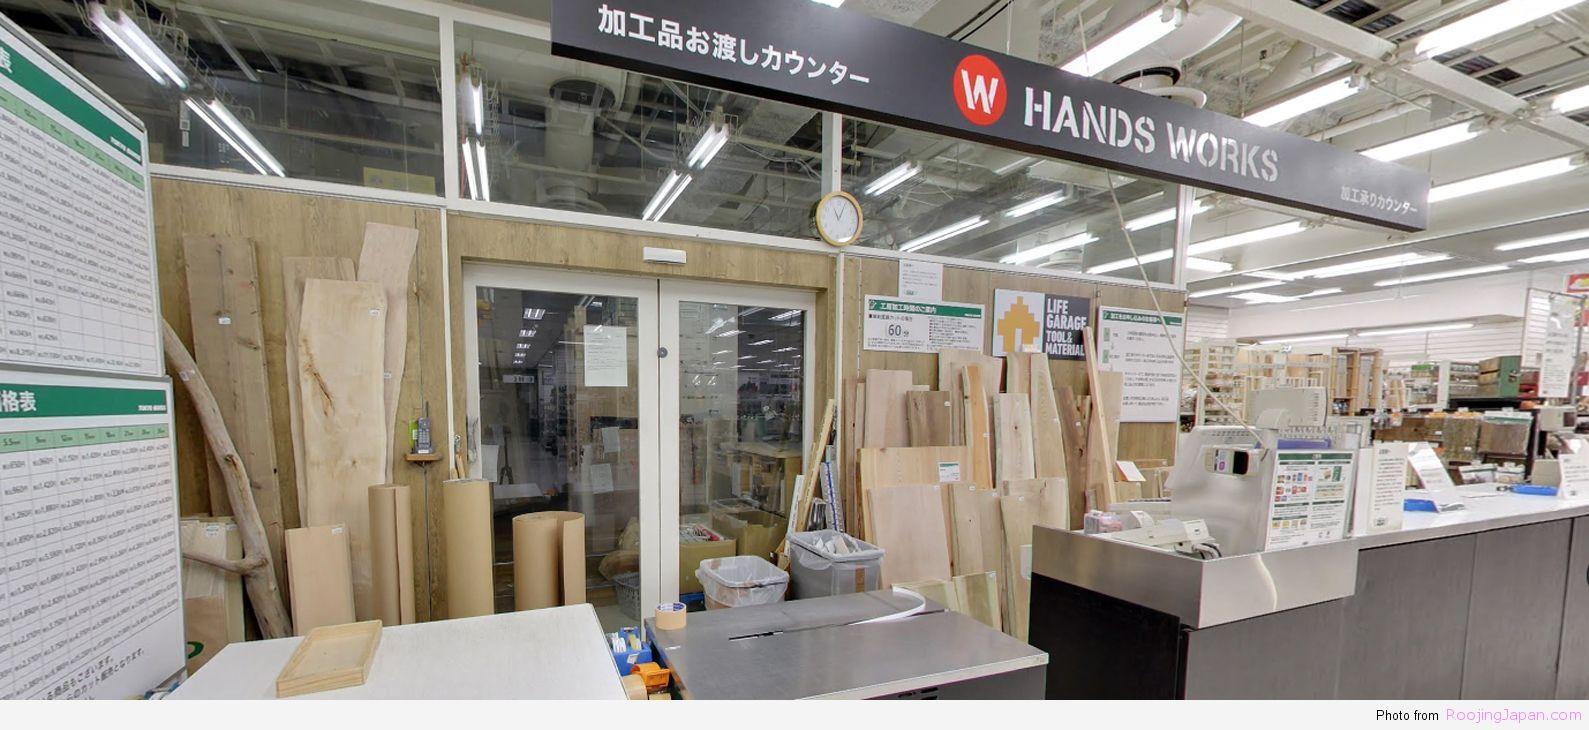 Tokyo_20 Tokyo Hands 06